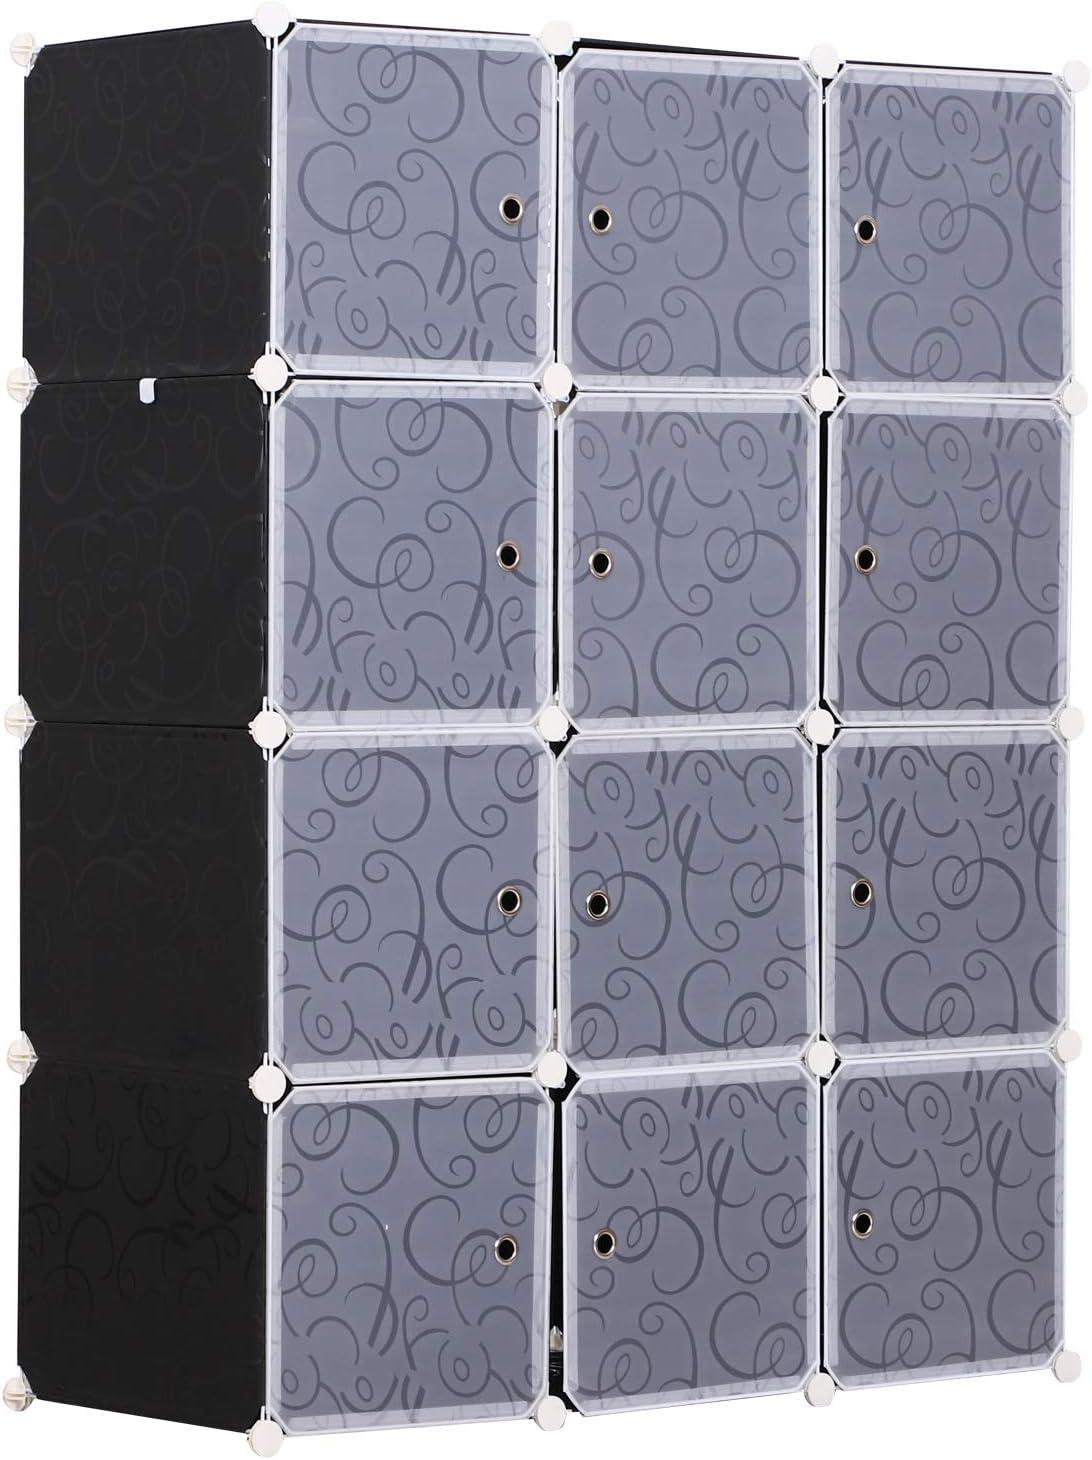 HOMCOM Armario Modular Plástico Estantería 12 Cubos con Puertas para Almacenamiento de Ropa Armario Ropero Organizador para Almacenamiento Juguetes y Libros Montaje en Bricolaje 111x47x145cm: Amazon.es: Juguetes y juegos